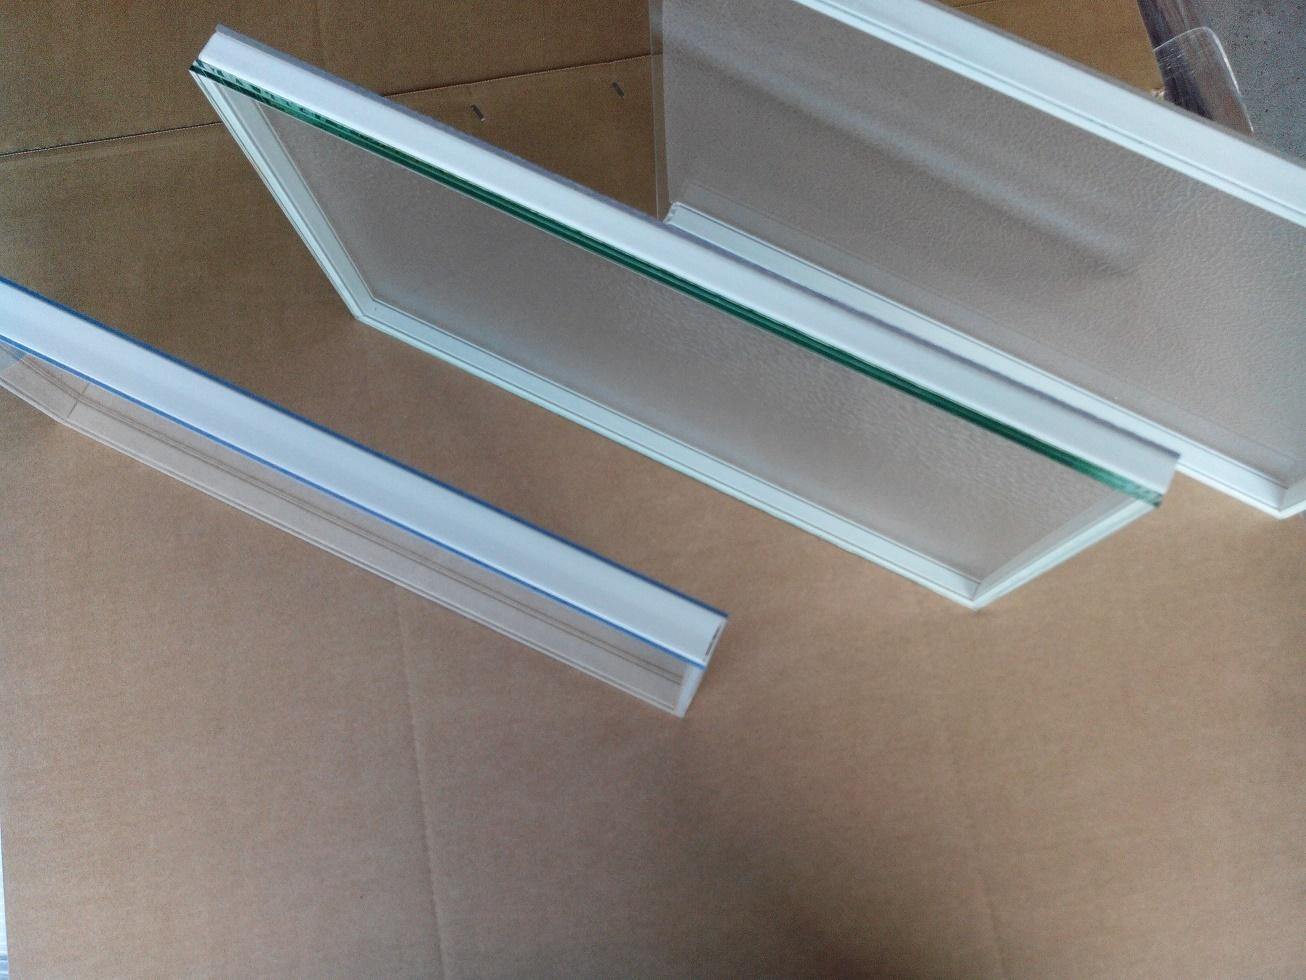 hublot rectangulaire blanc chrome vitre au choix 490 x 324 mm. Black Bedroom Furniture Sets. Home Design Ideas